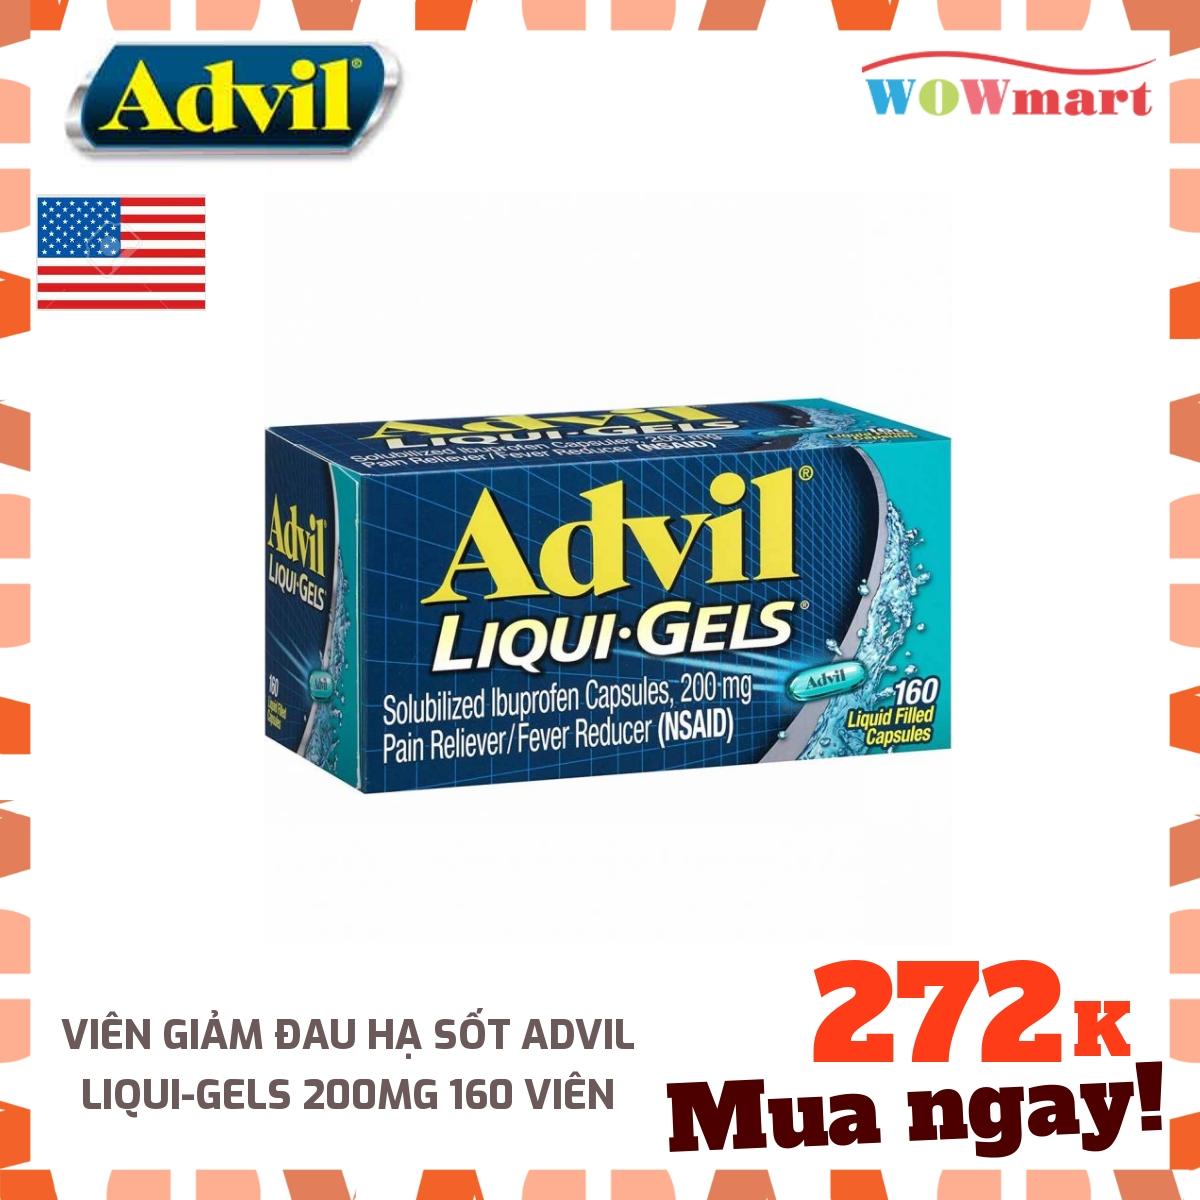 Viên giảm đau hạ sốt Advil Liqui-Gels 200mg 160 viên - MỸ